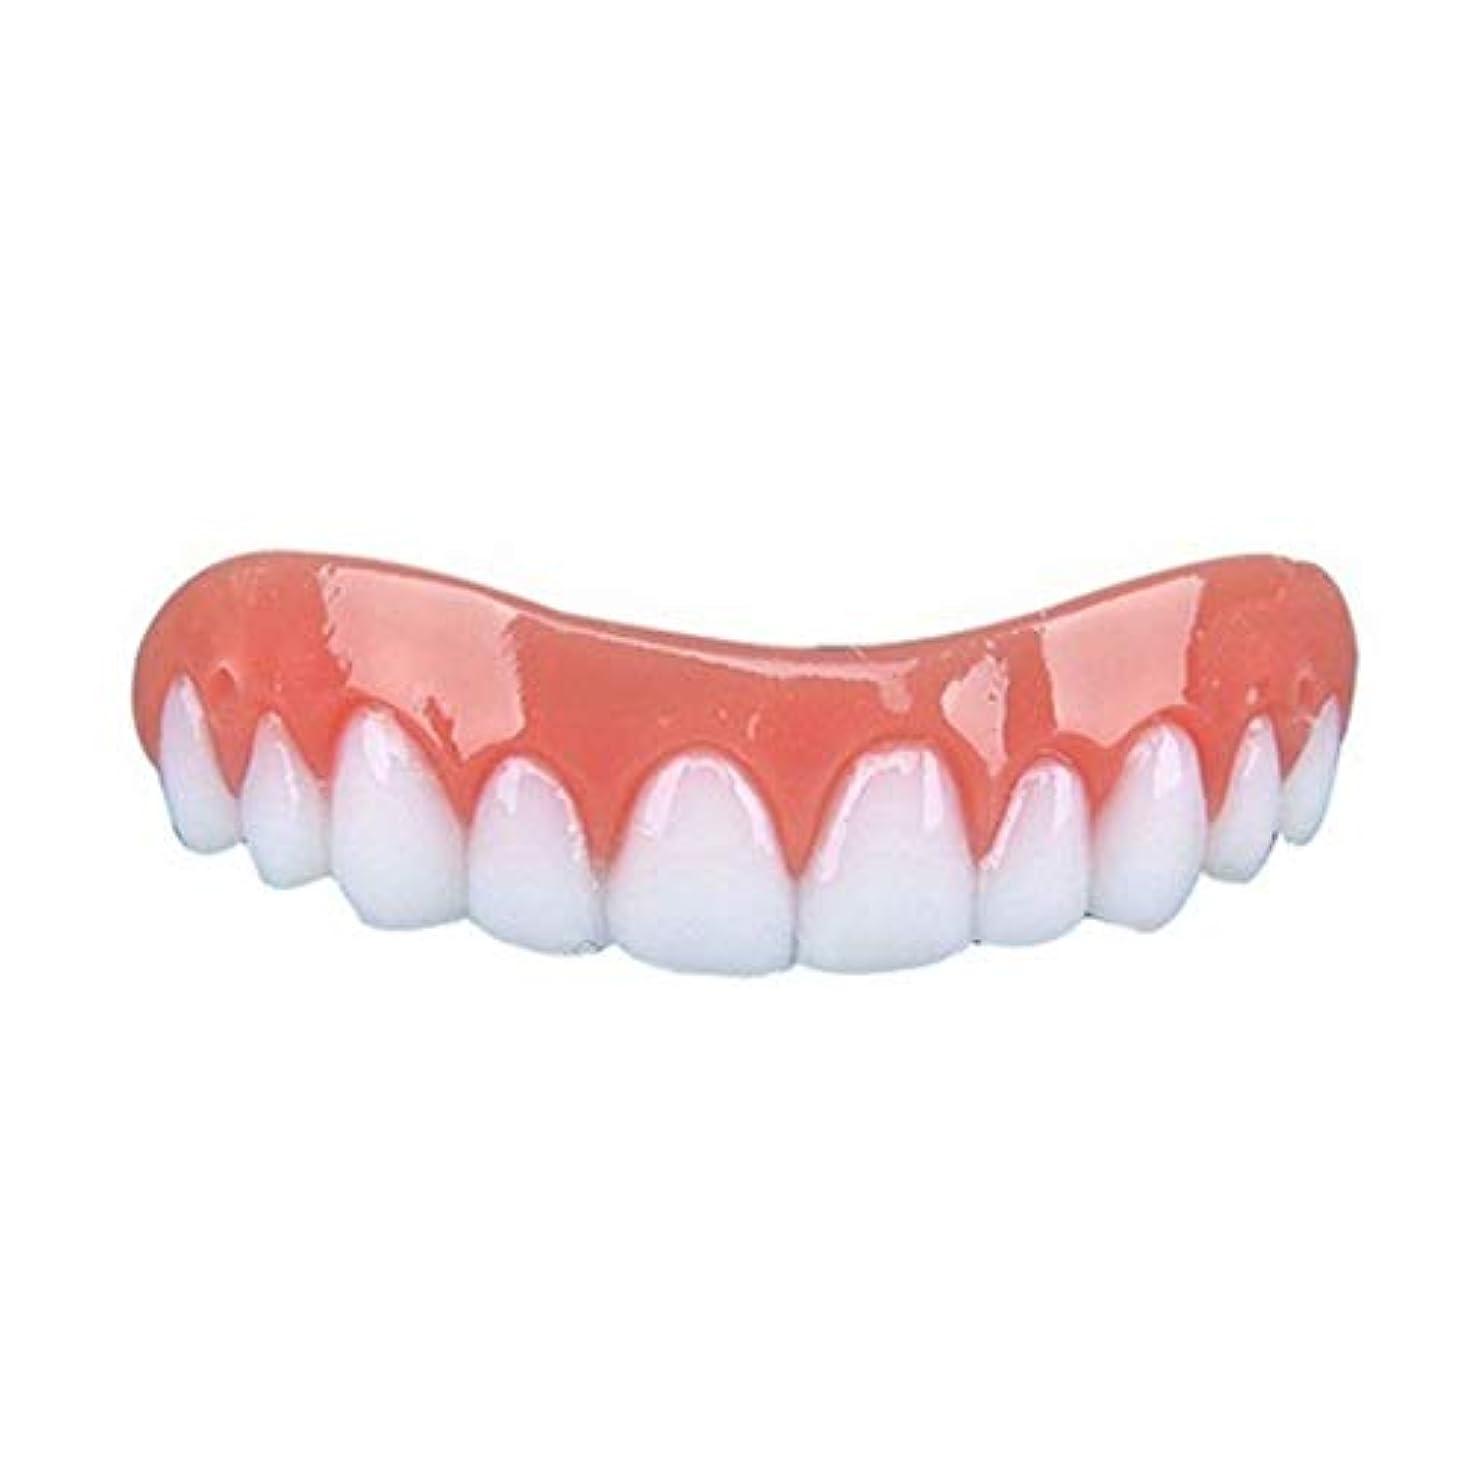 頑張るせがむインチBartram 歯カバー シリコン義歯ペースト 上歯 笑顔を保つ 歯保護 美容用 入れ歯 矯正義歯